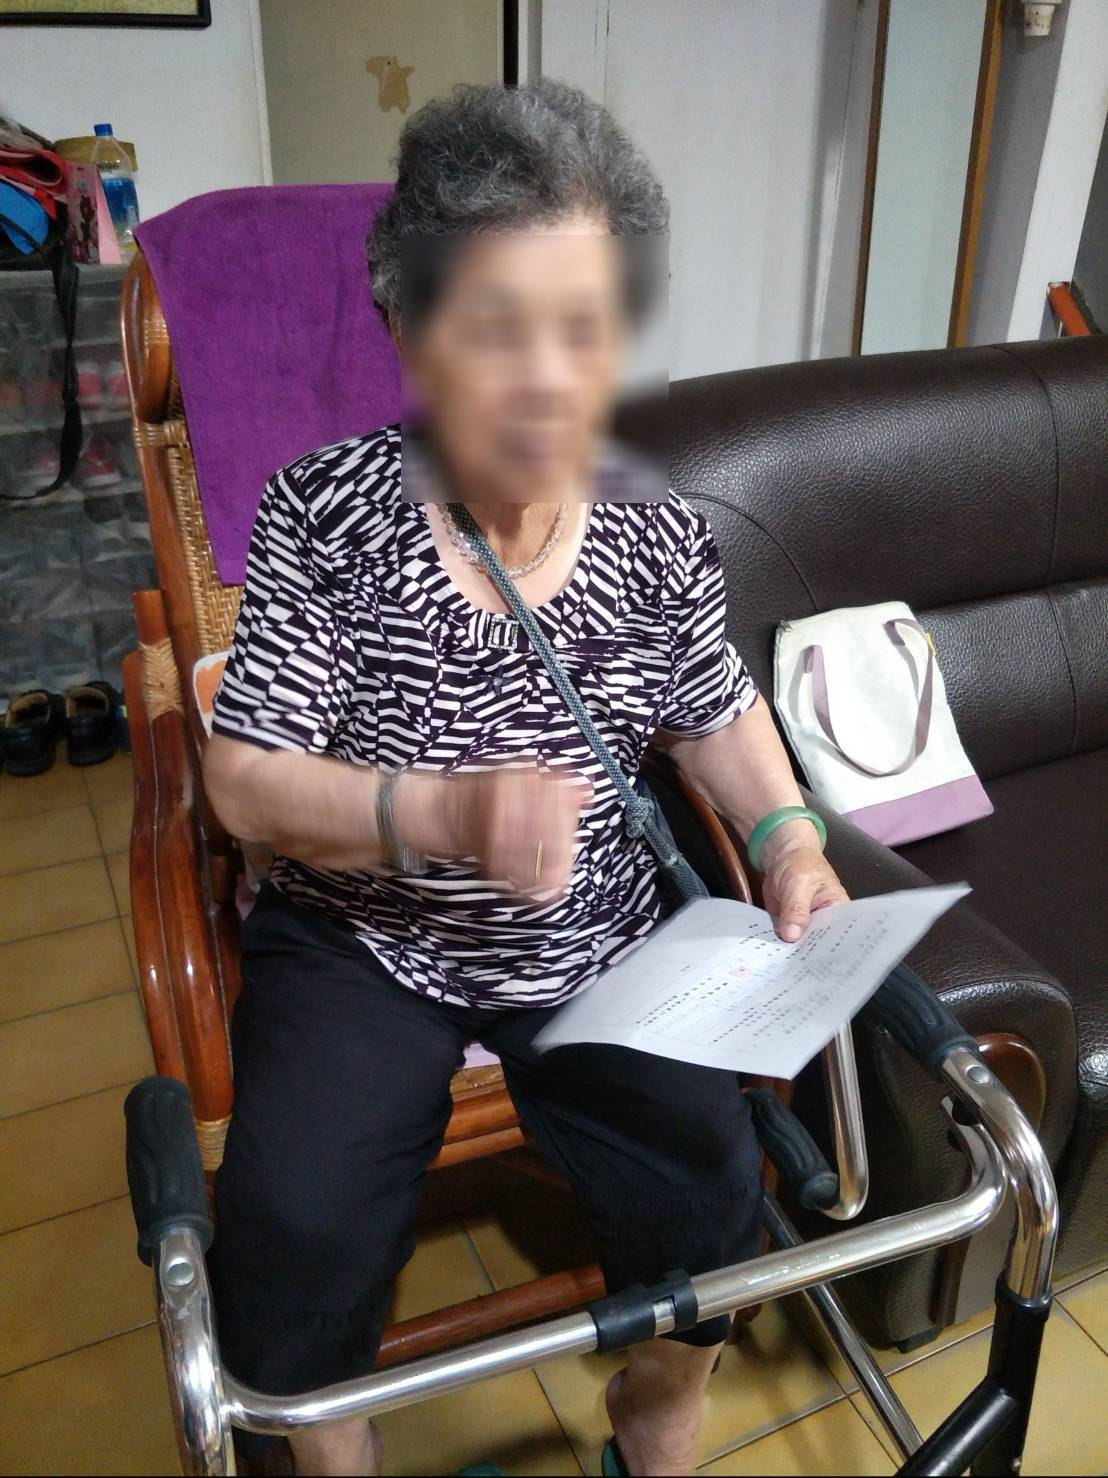 新竹市東區戶政事務所幫90歲行動不便的王姓老婦完成父親欄登記養父姓名的心願。圖/...